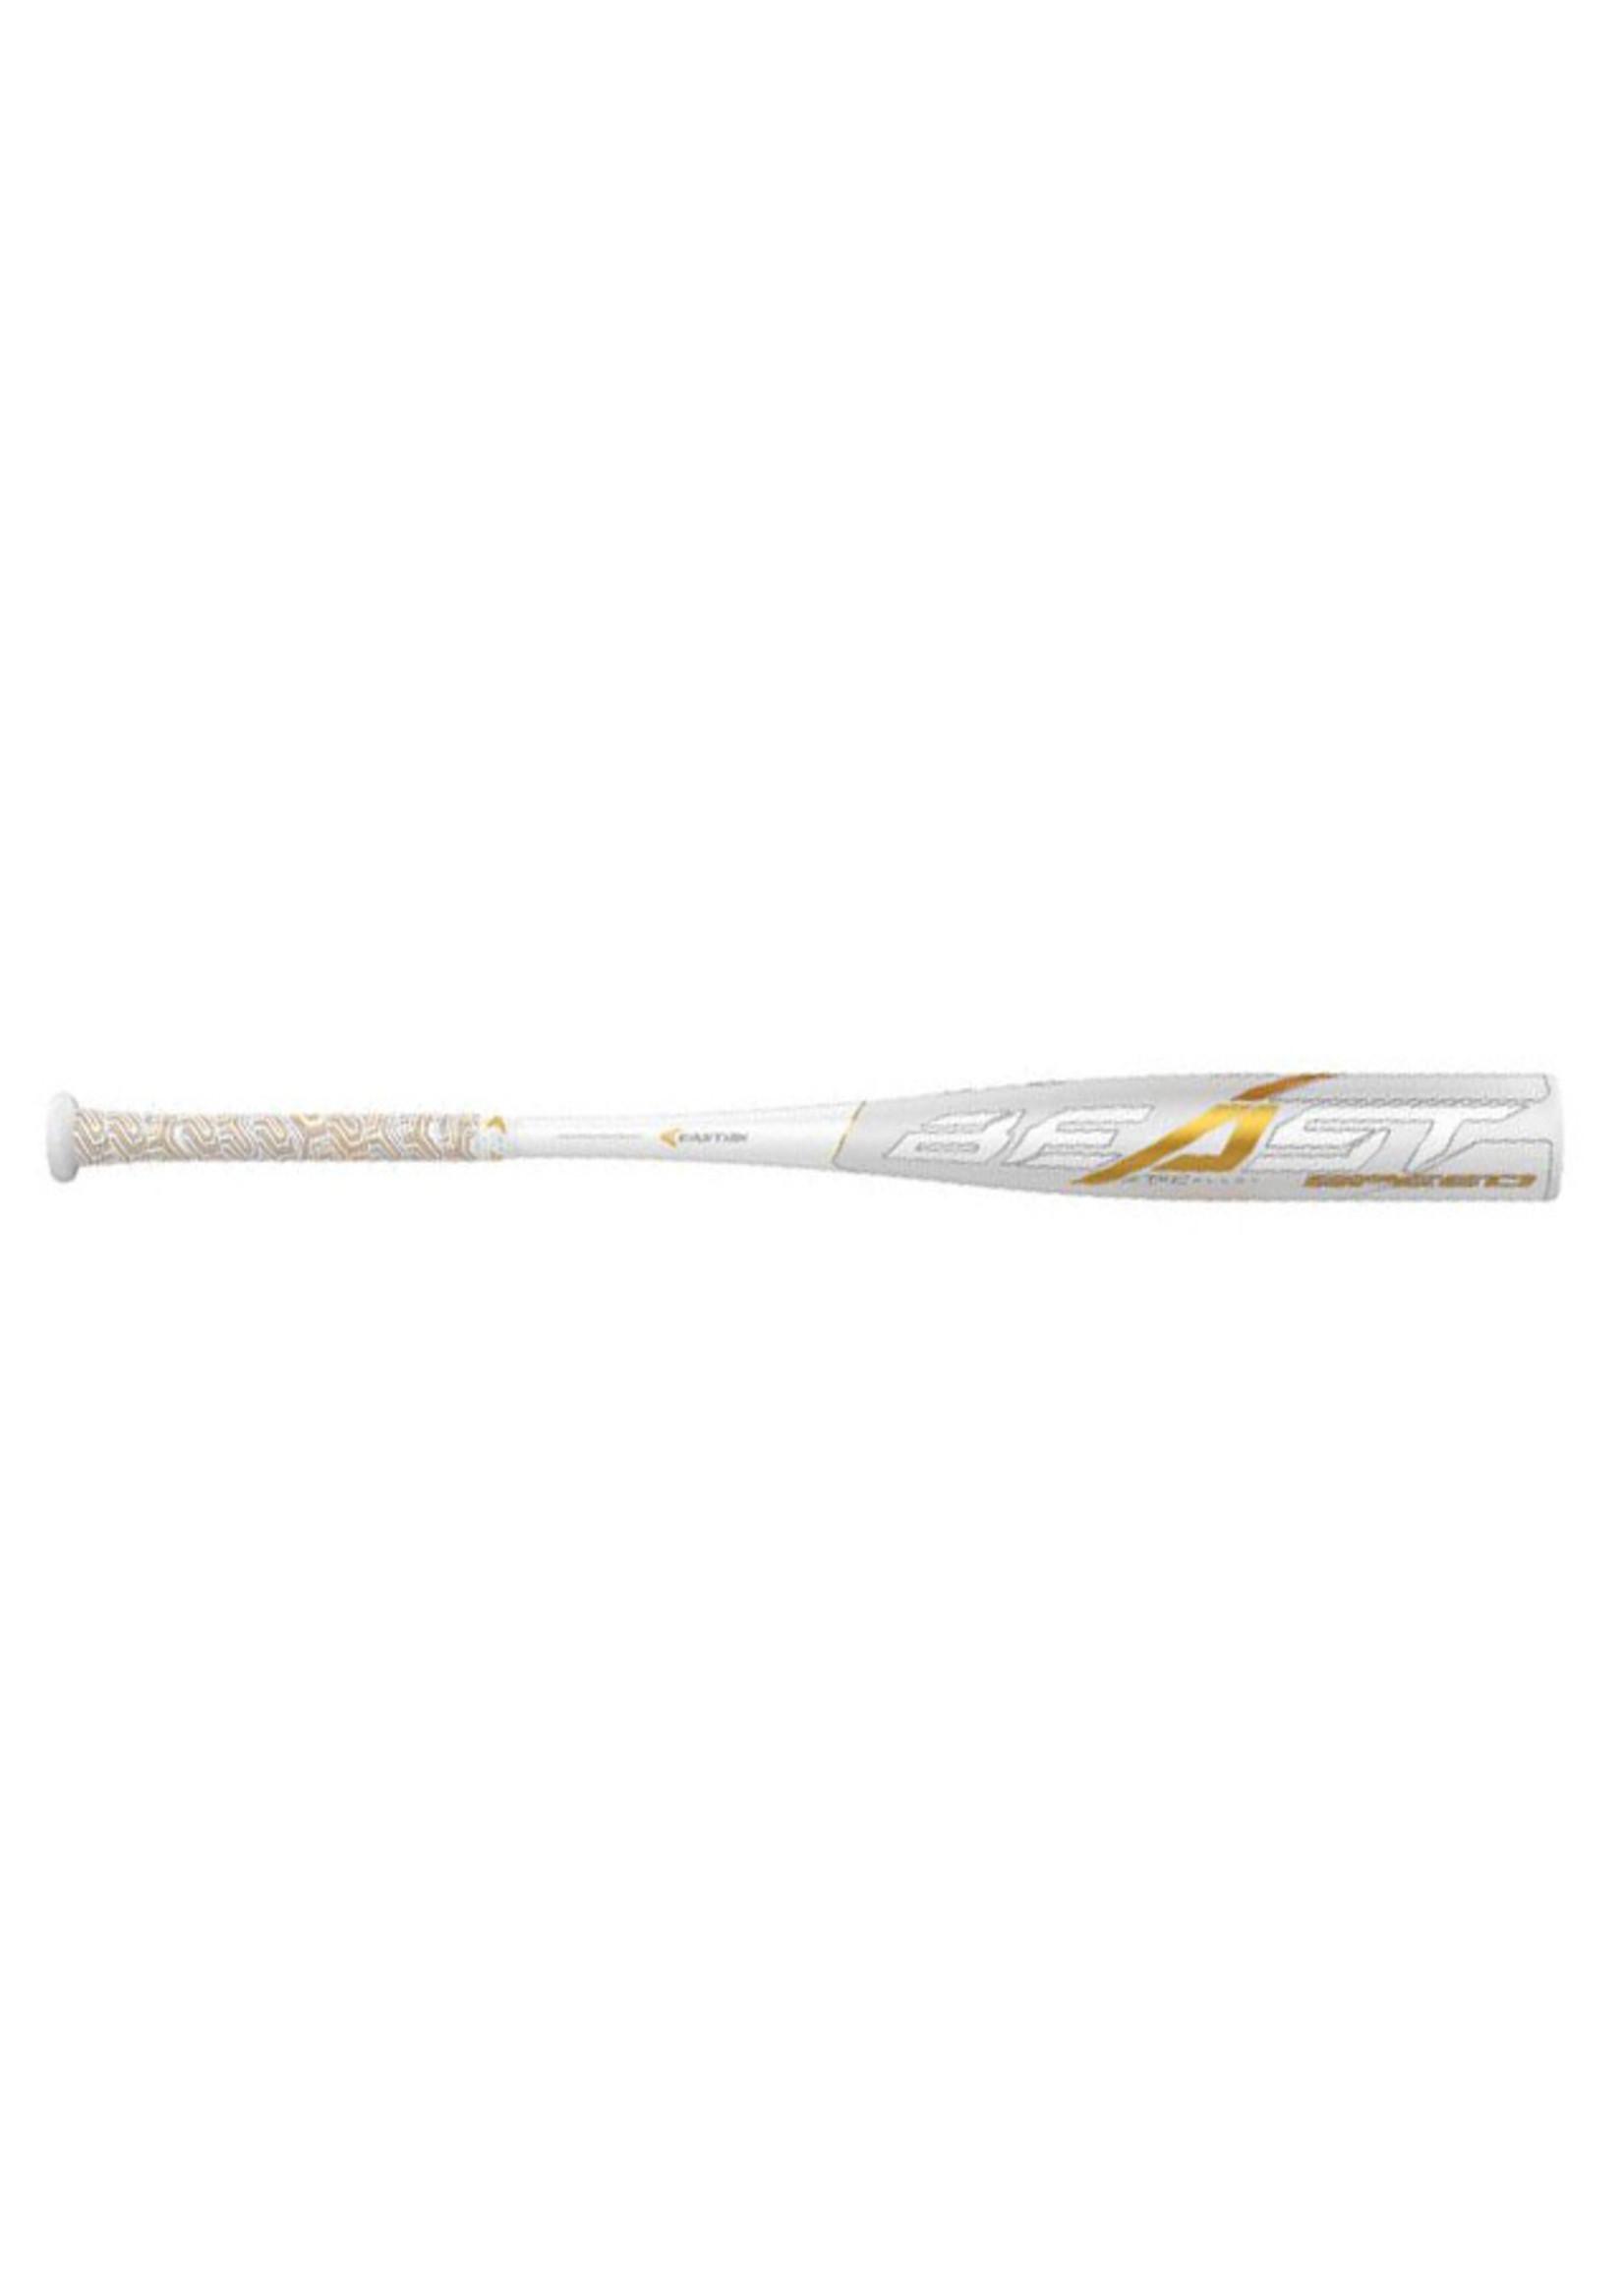 Easton Baseball (Canada) EASTON BEAST PRO 2 5/8'' (-5) BASEBALL BAT